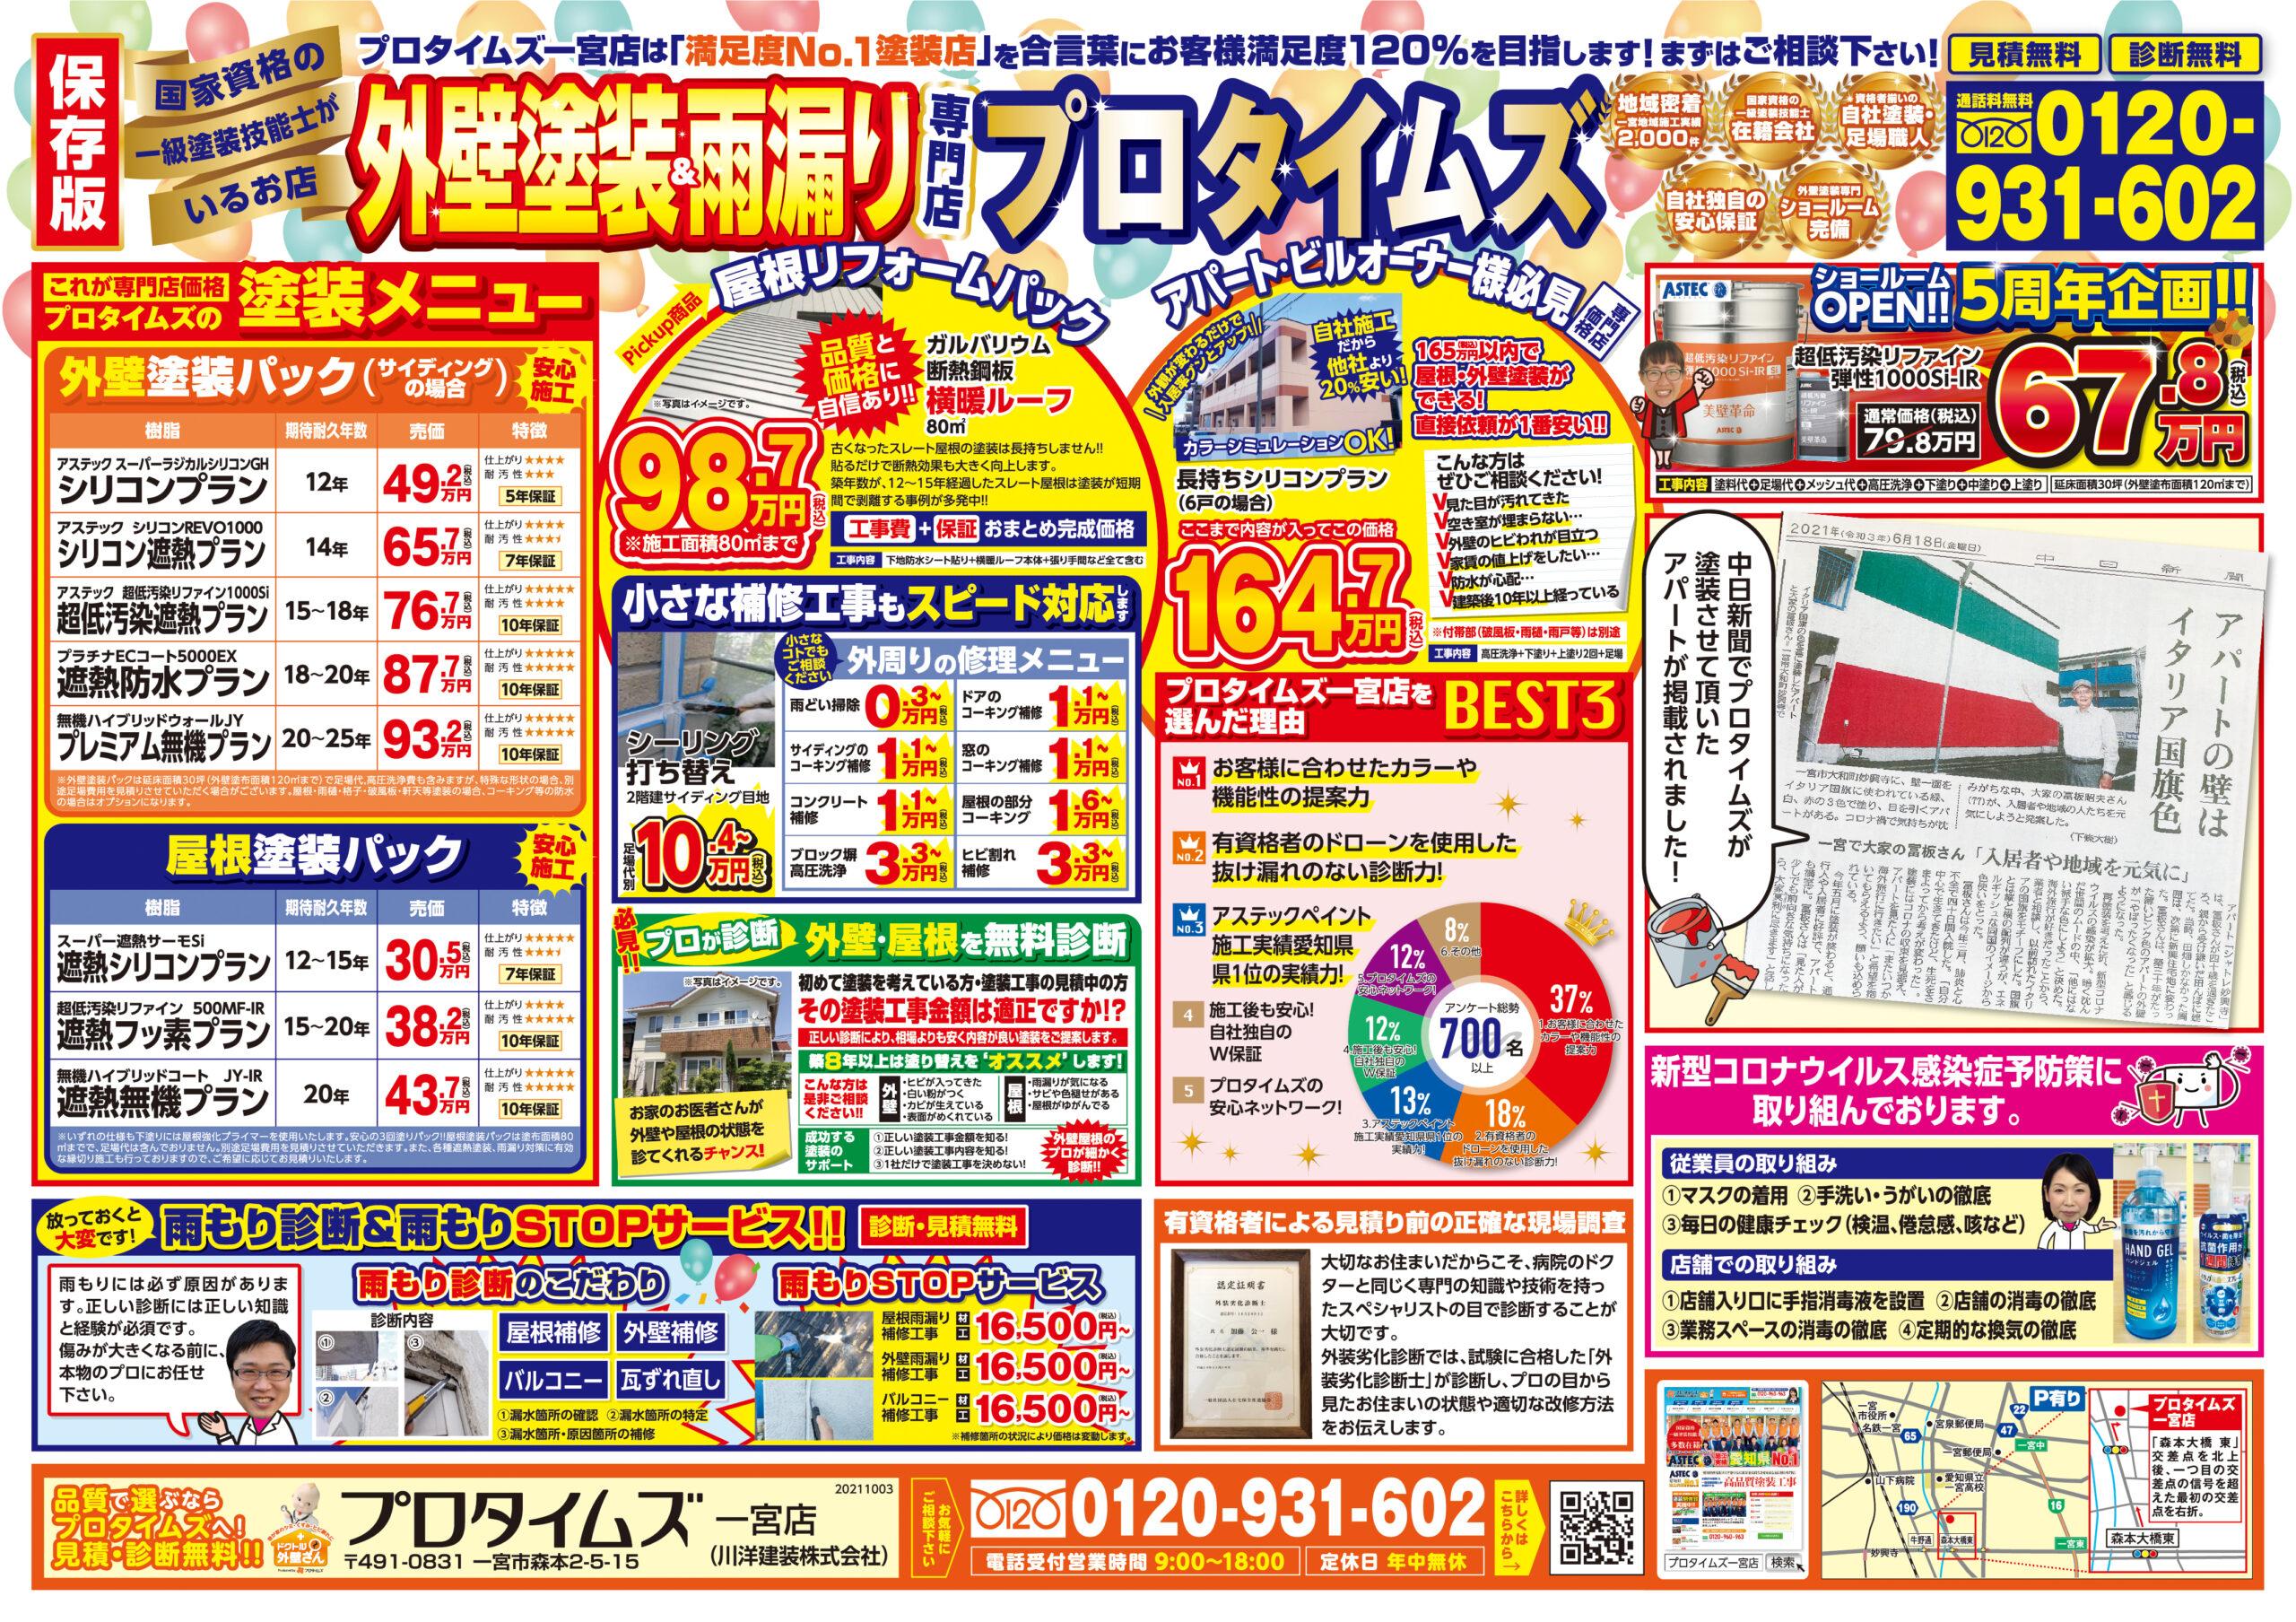 20211003折込みちらし2【一宮店】